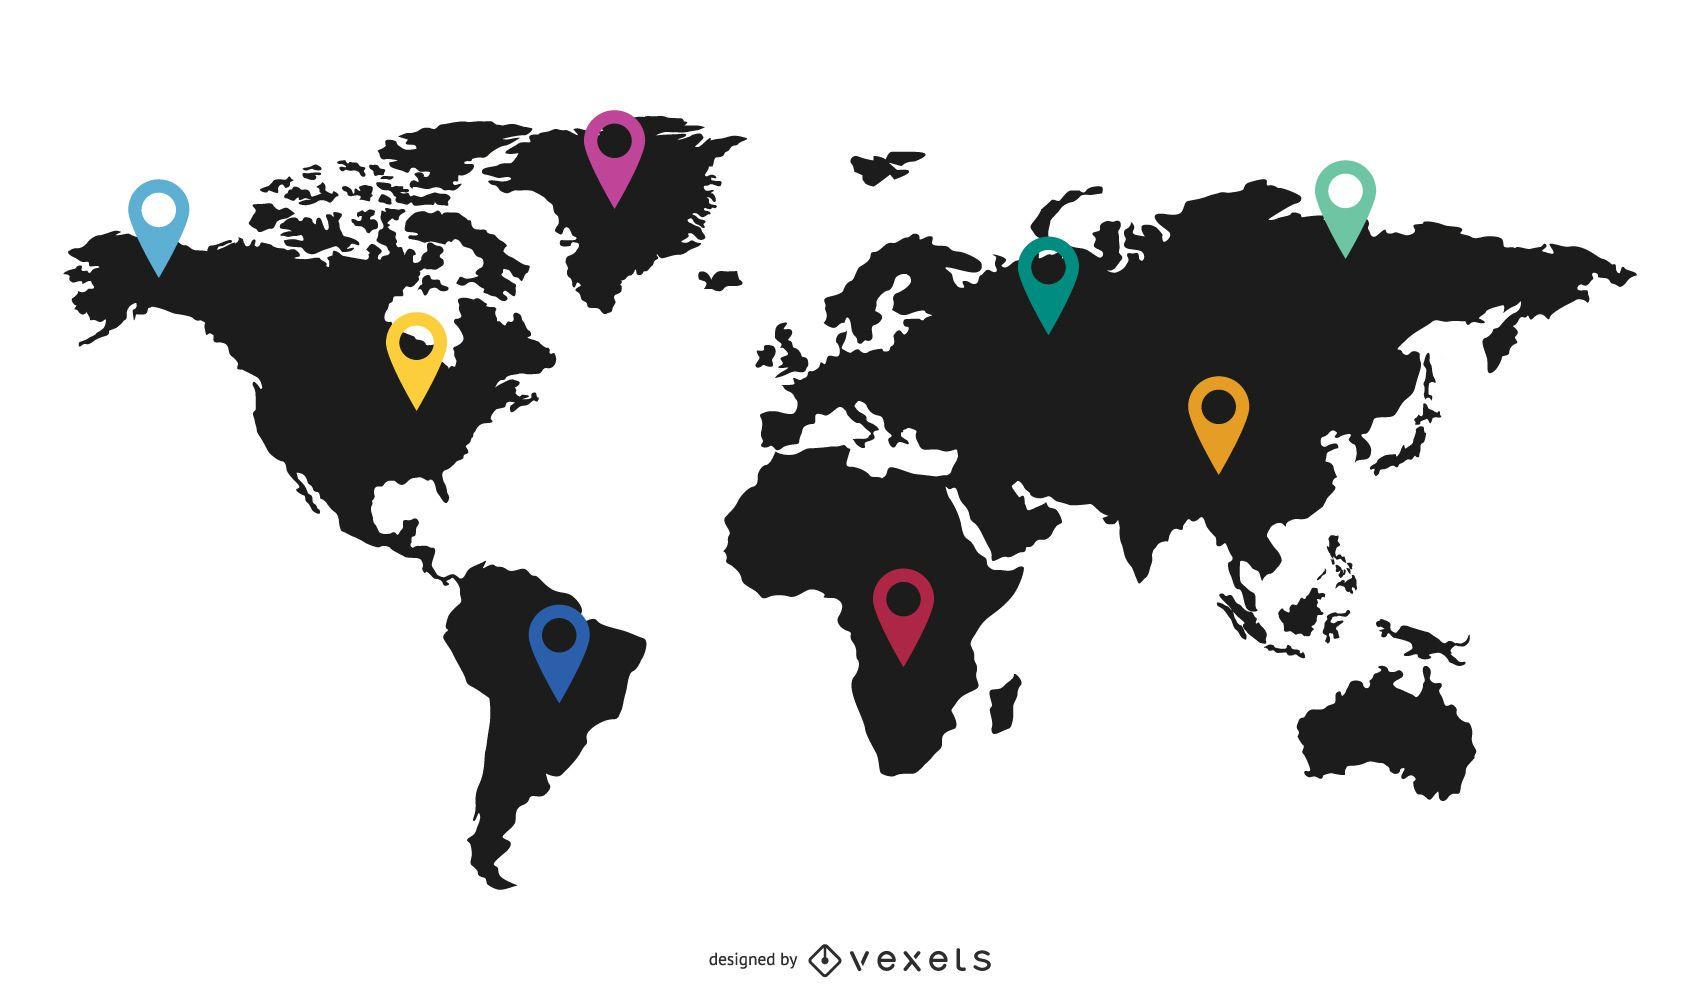 Mapa-múndi com marcadores planos